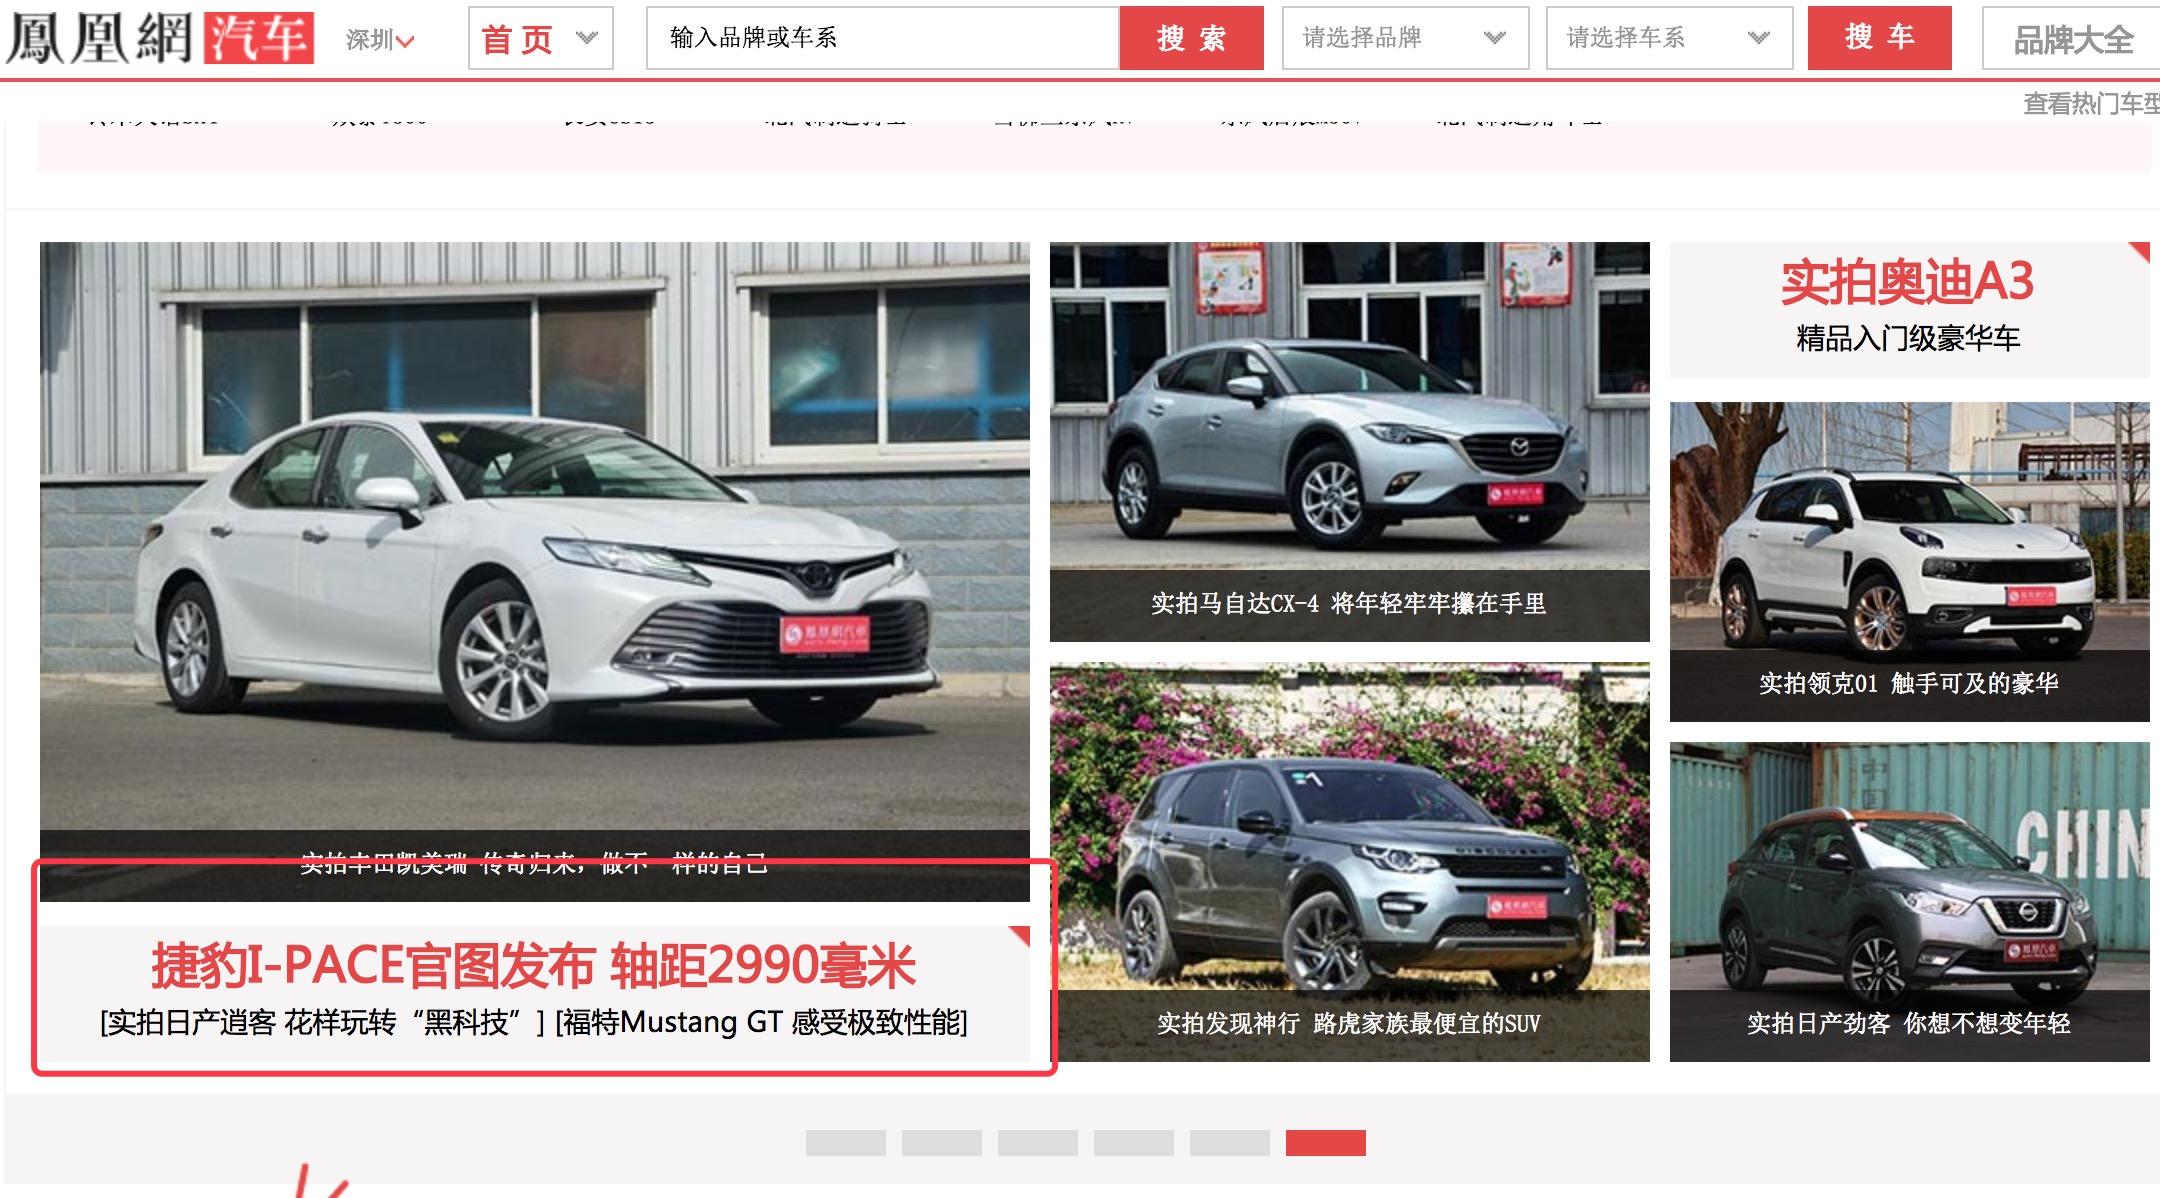 凤凰汽车-首页文字链